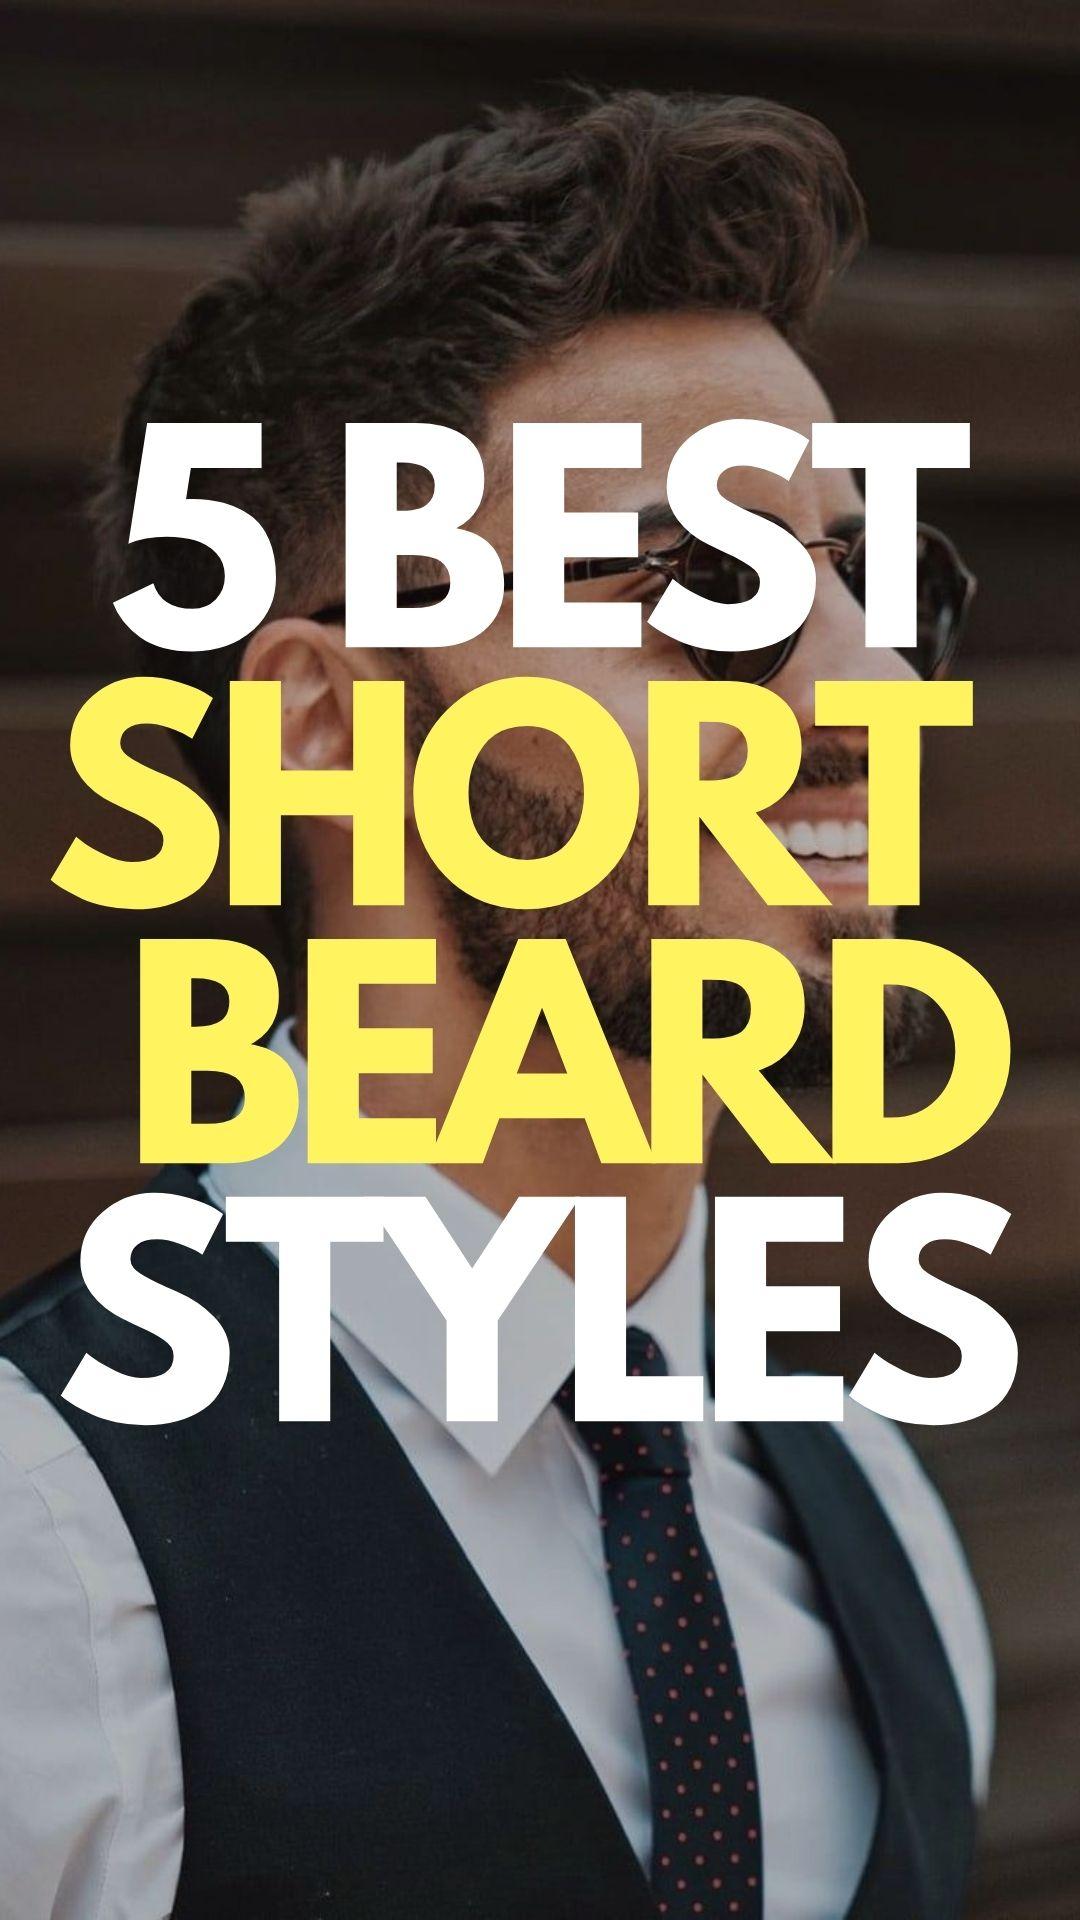 5 Best Short Beard Styles